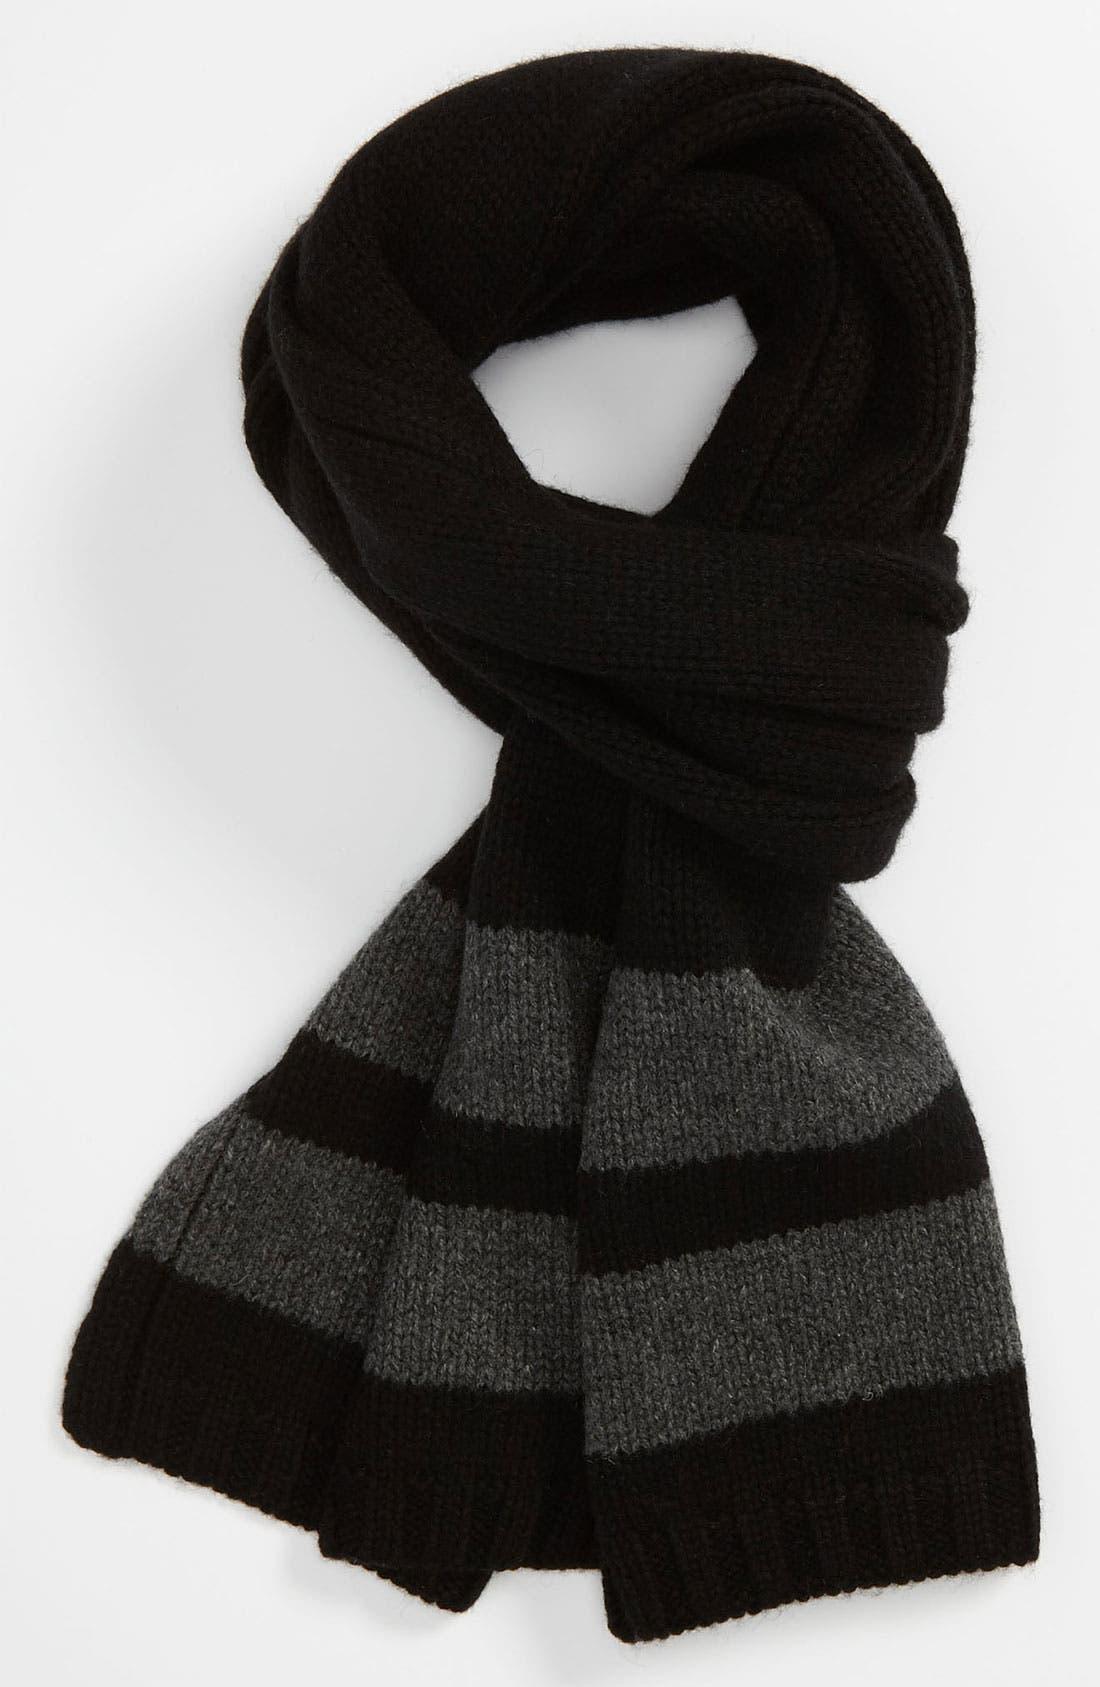 Alternate Image 1 Selected - Michael Kors Wool Scarf